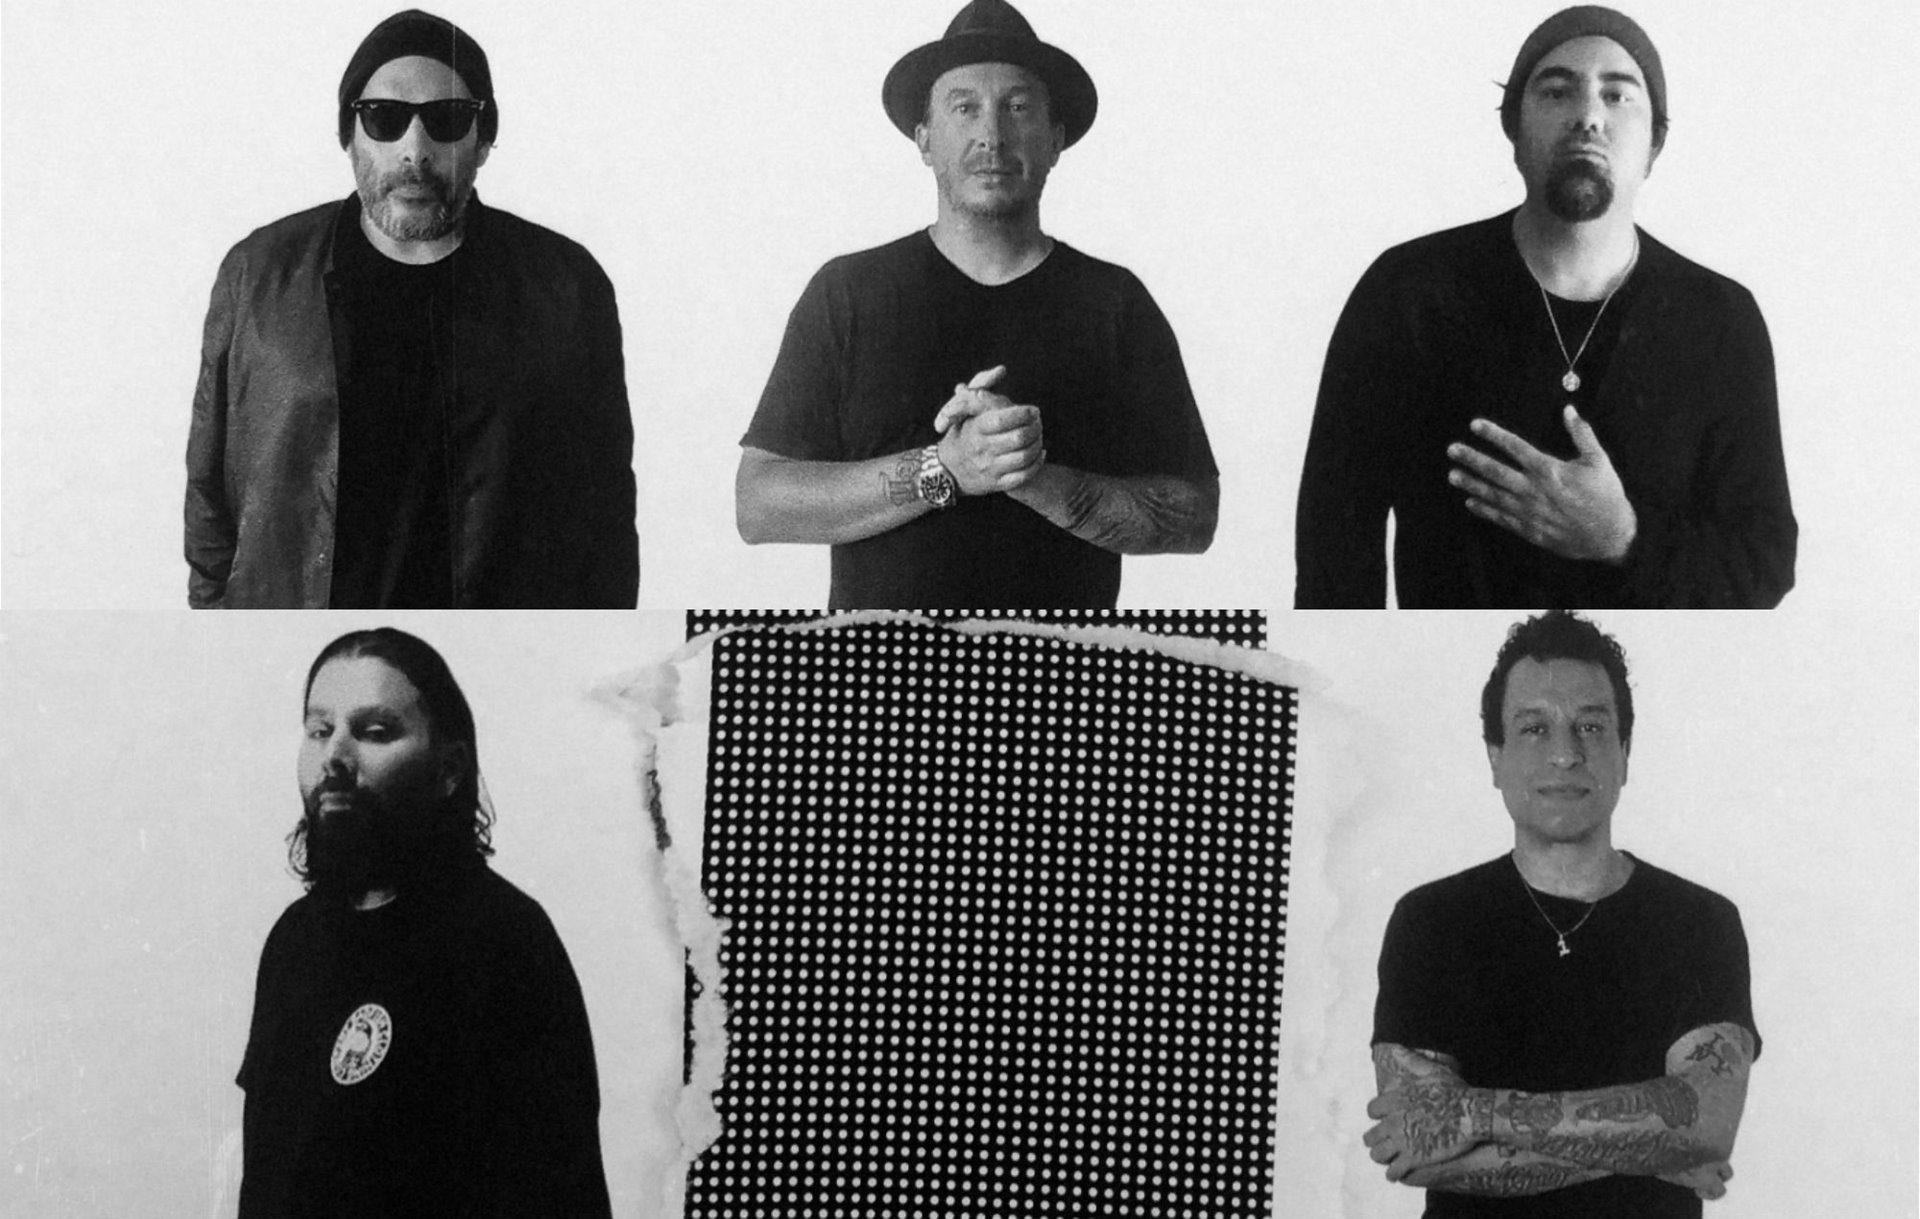 Los 'Deftones' continúan manteniendo su fuerza en su nuevo disco.